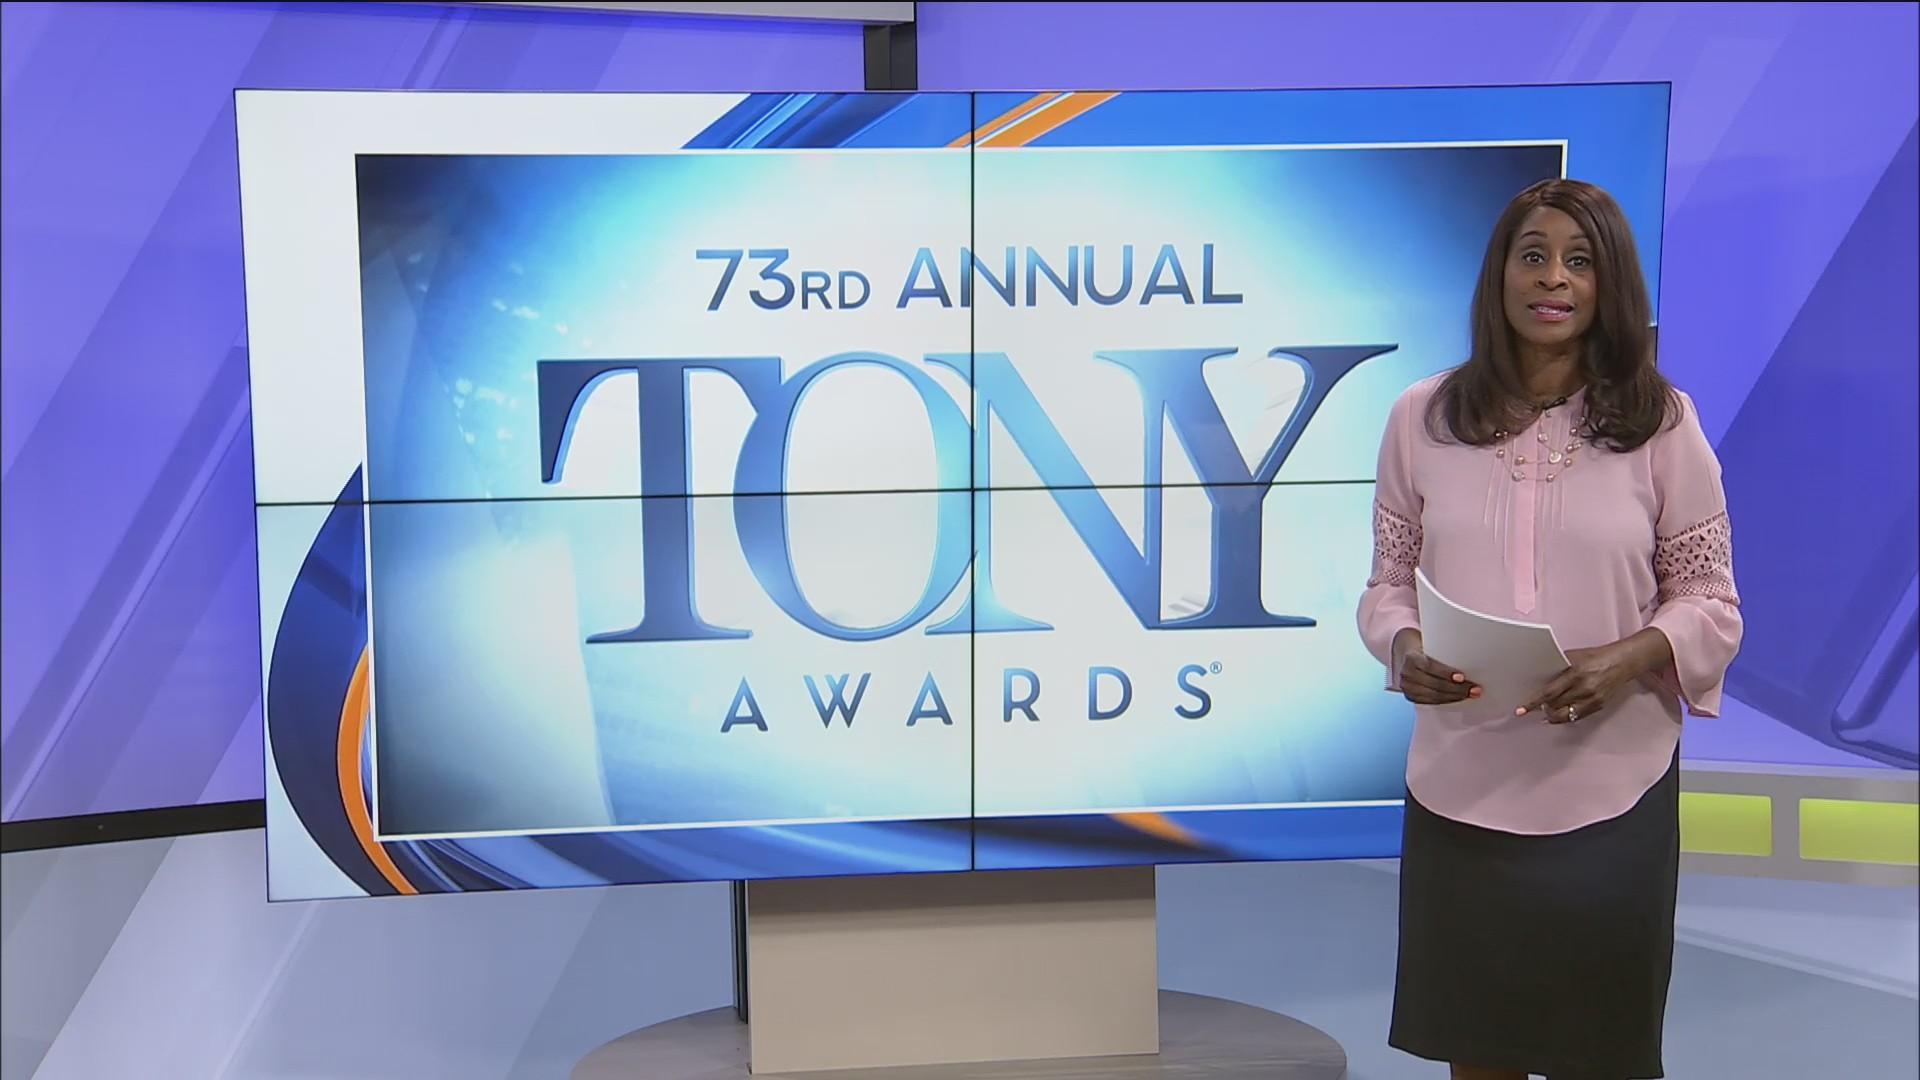 Tony_Awards_0_20190609022843